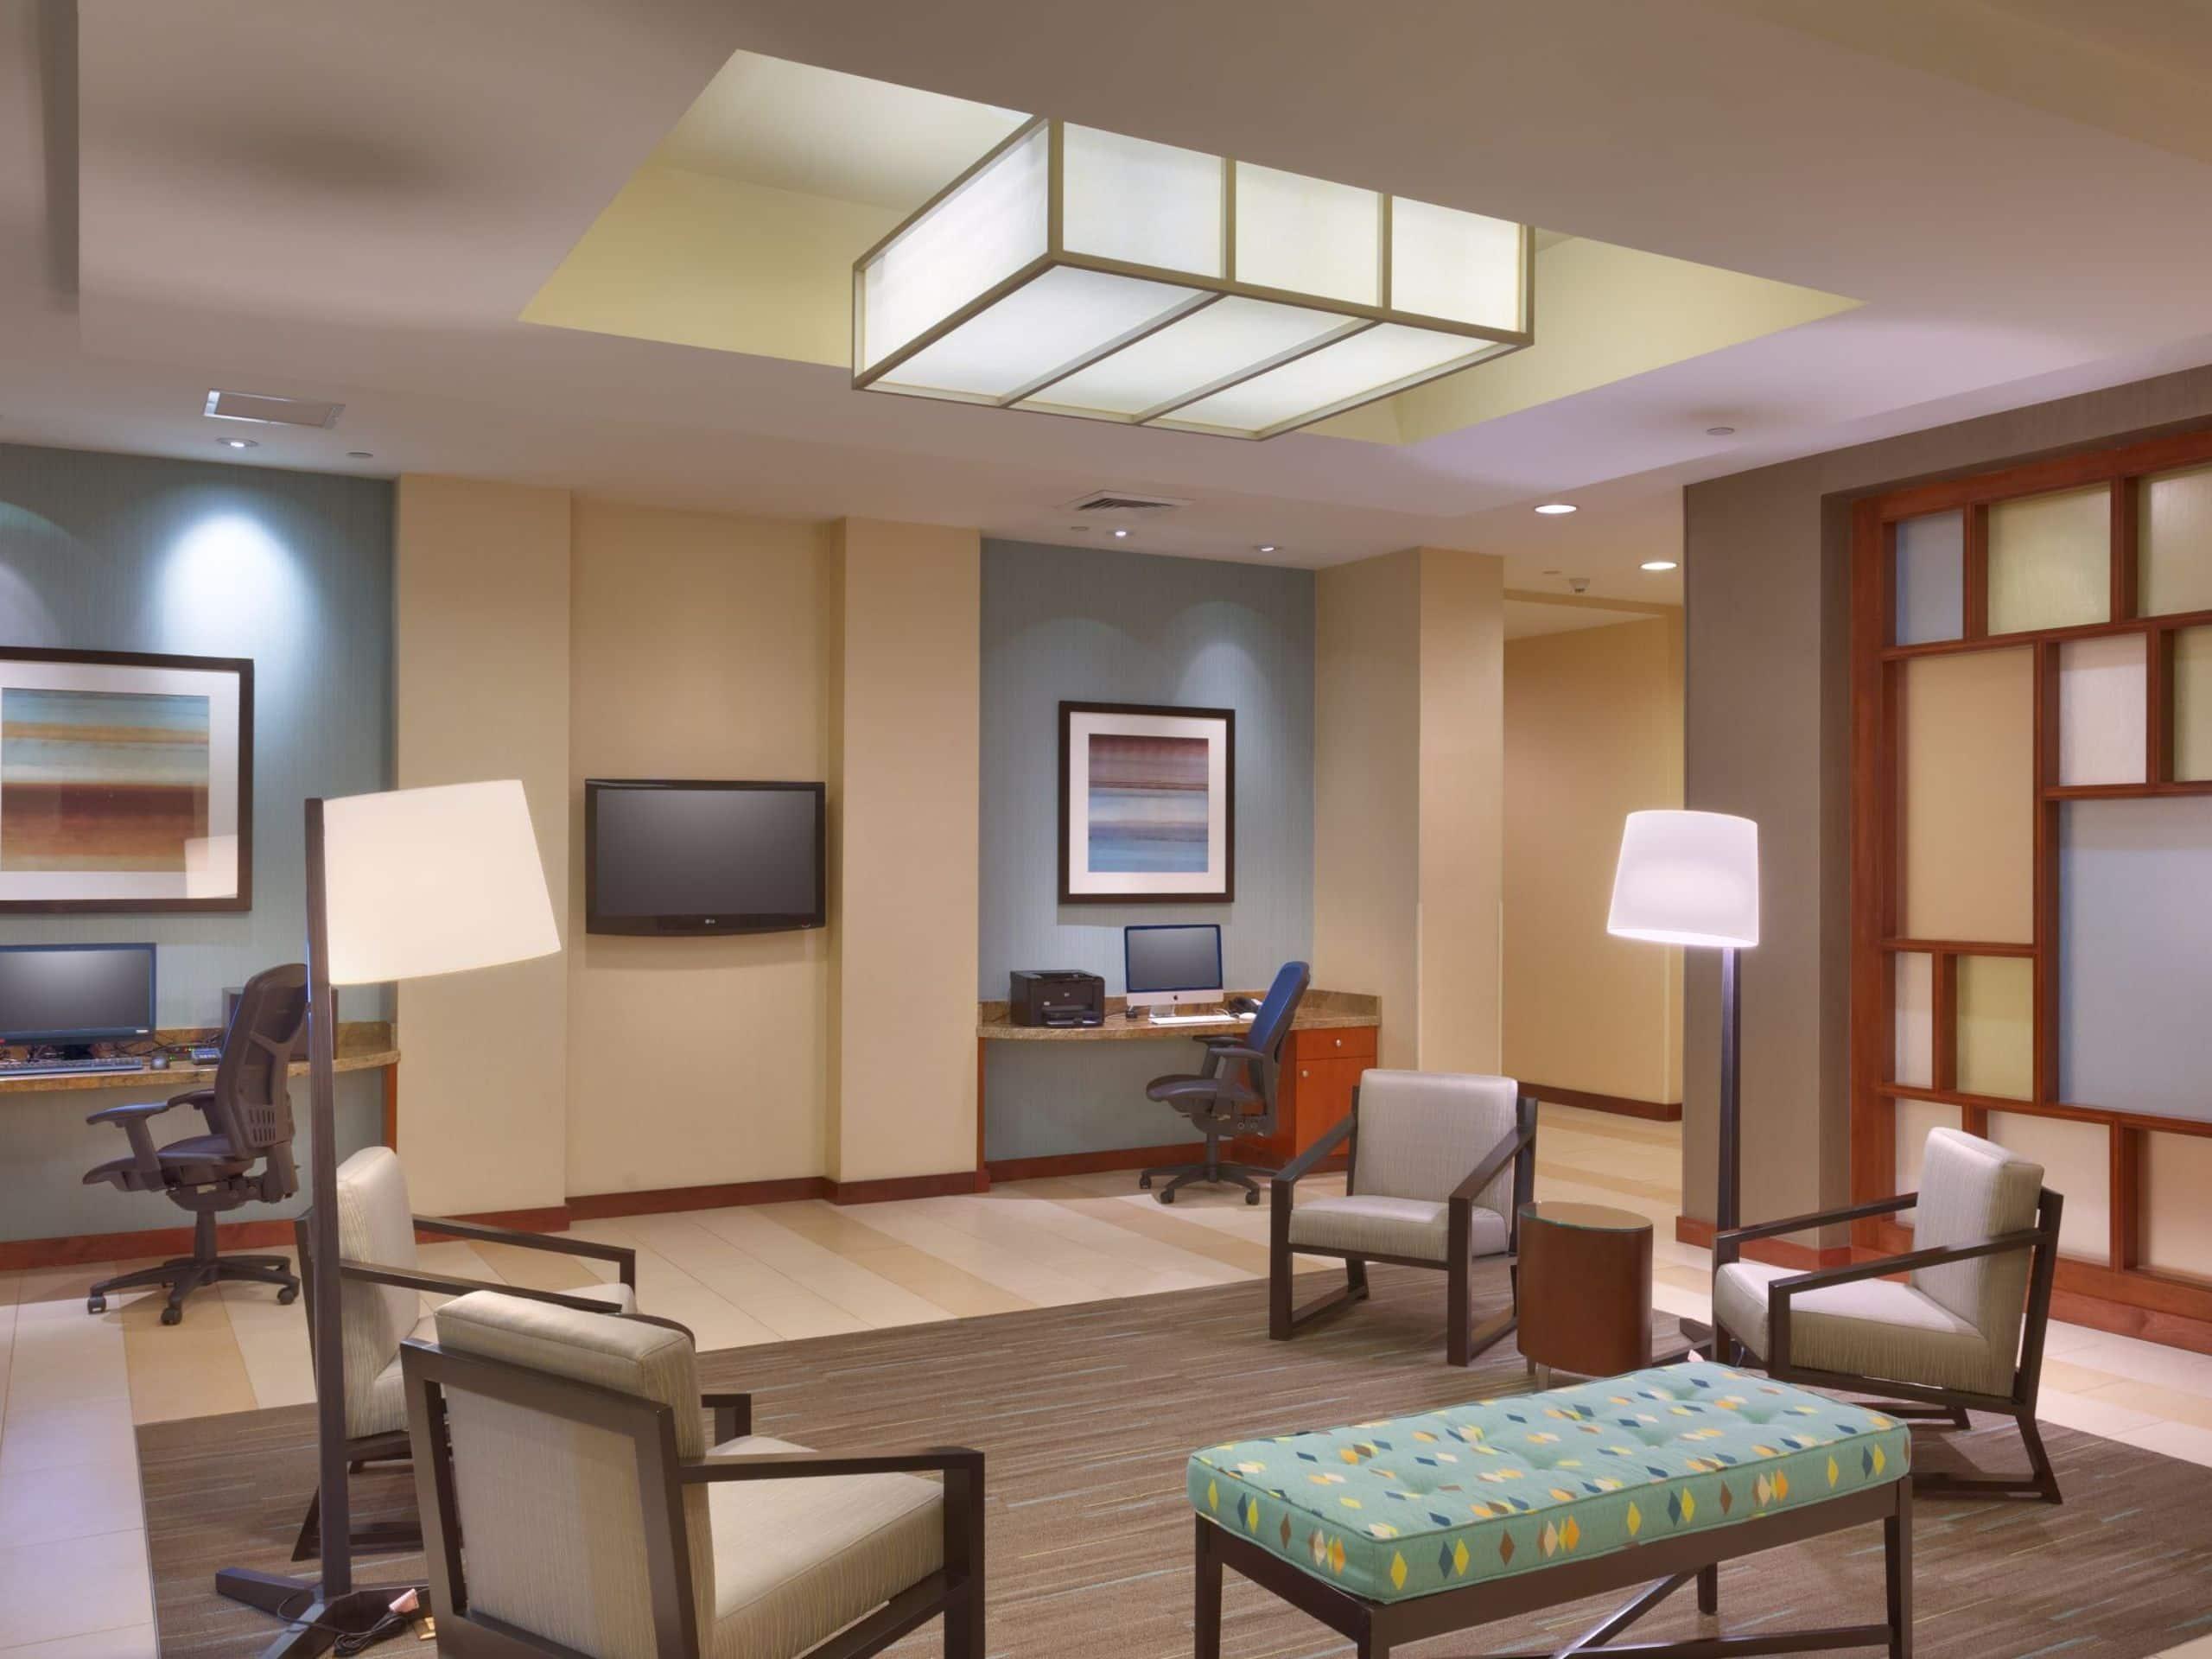 Hotel reheart Choice Image